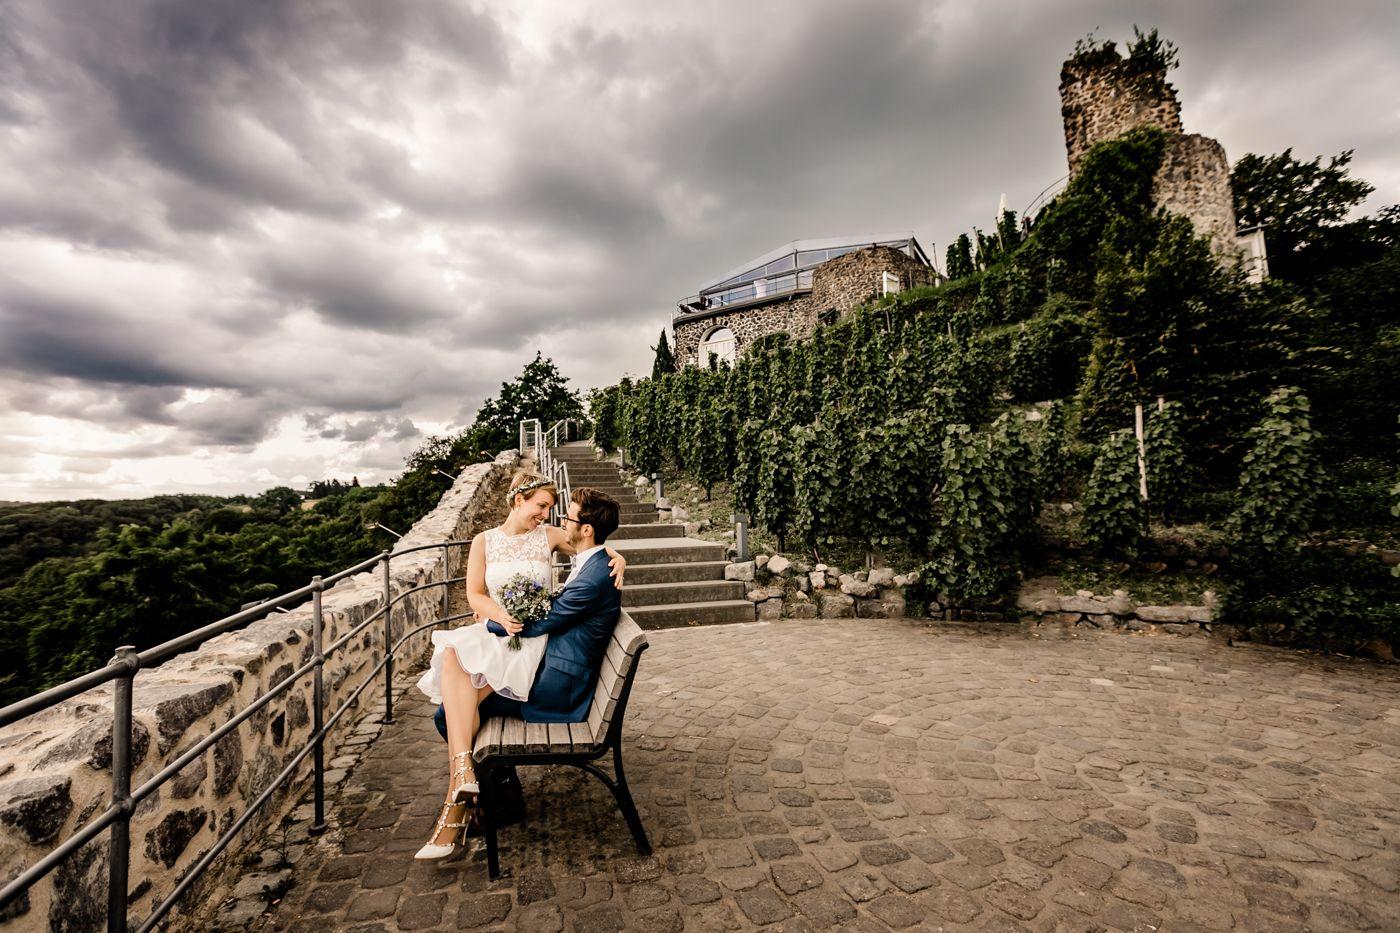 Rolandsbogen Konigswinter Standesamt Brautpaar Brautpaar Shooting Wedding Hochzeit Trauung Hochzeit Braut